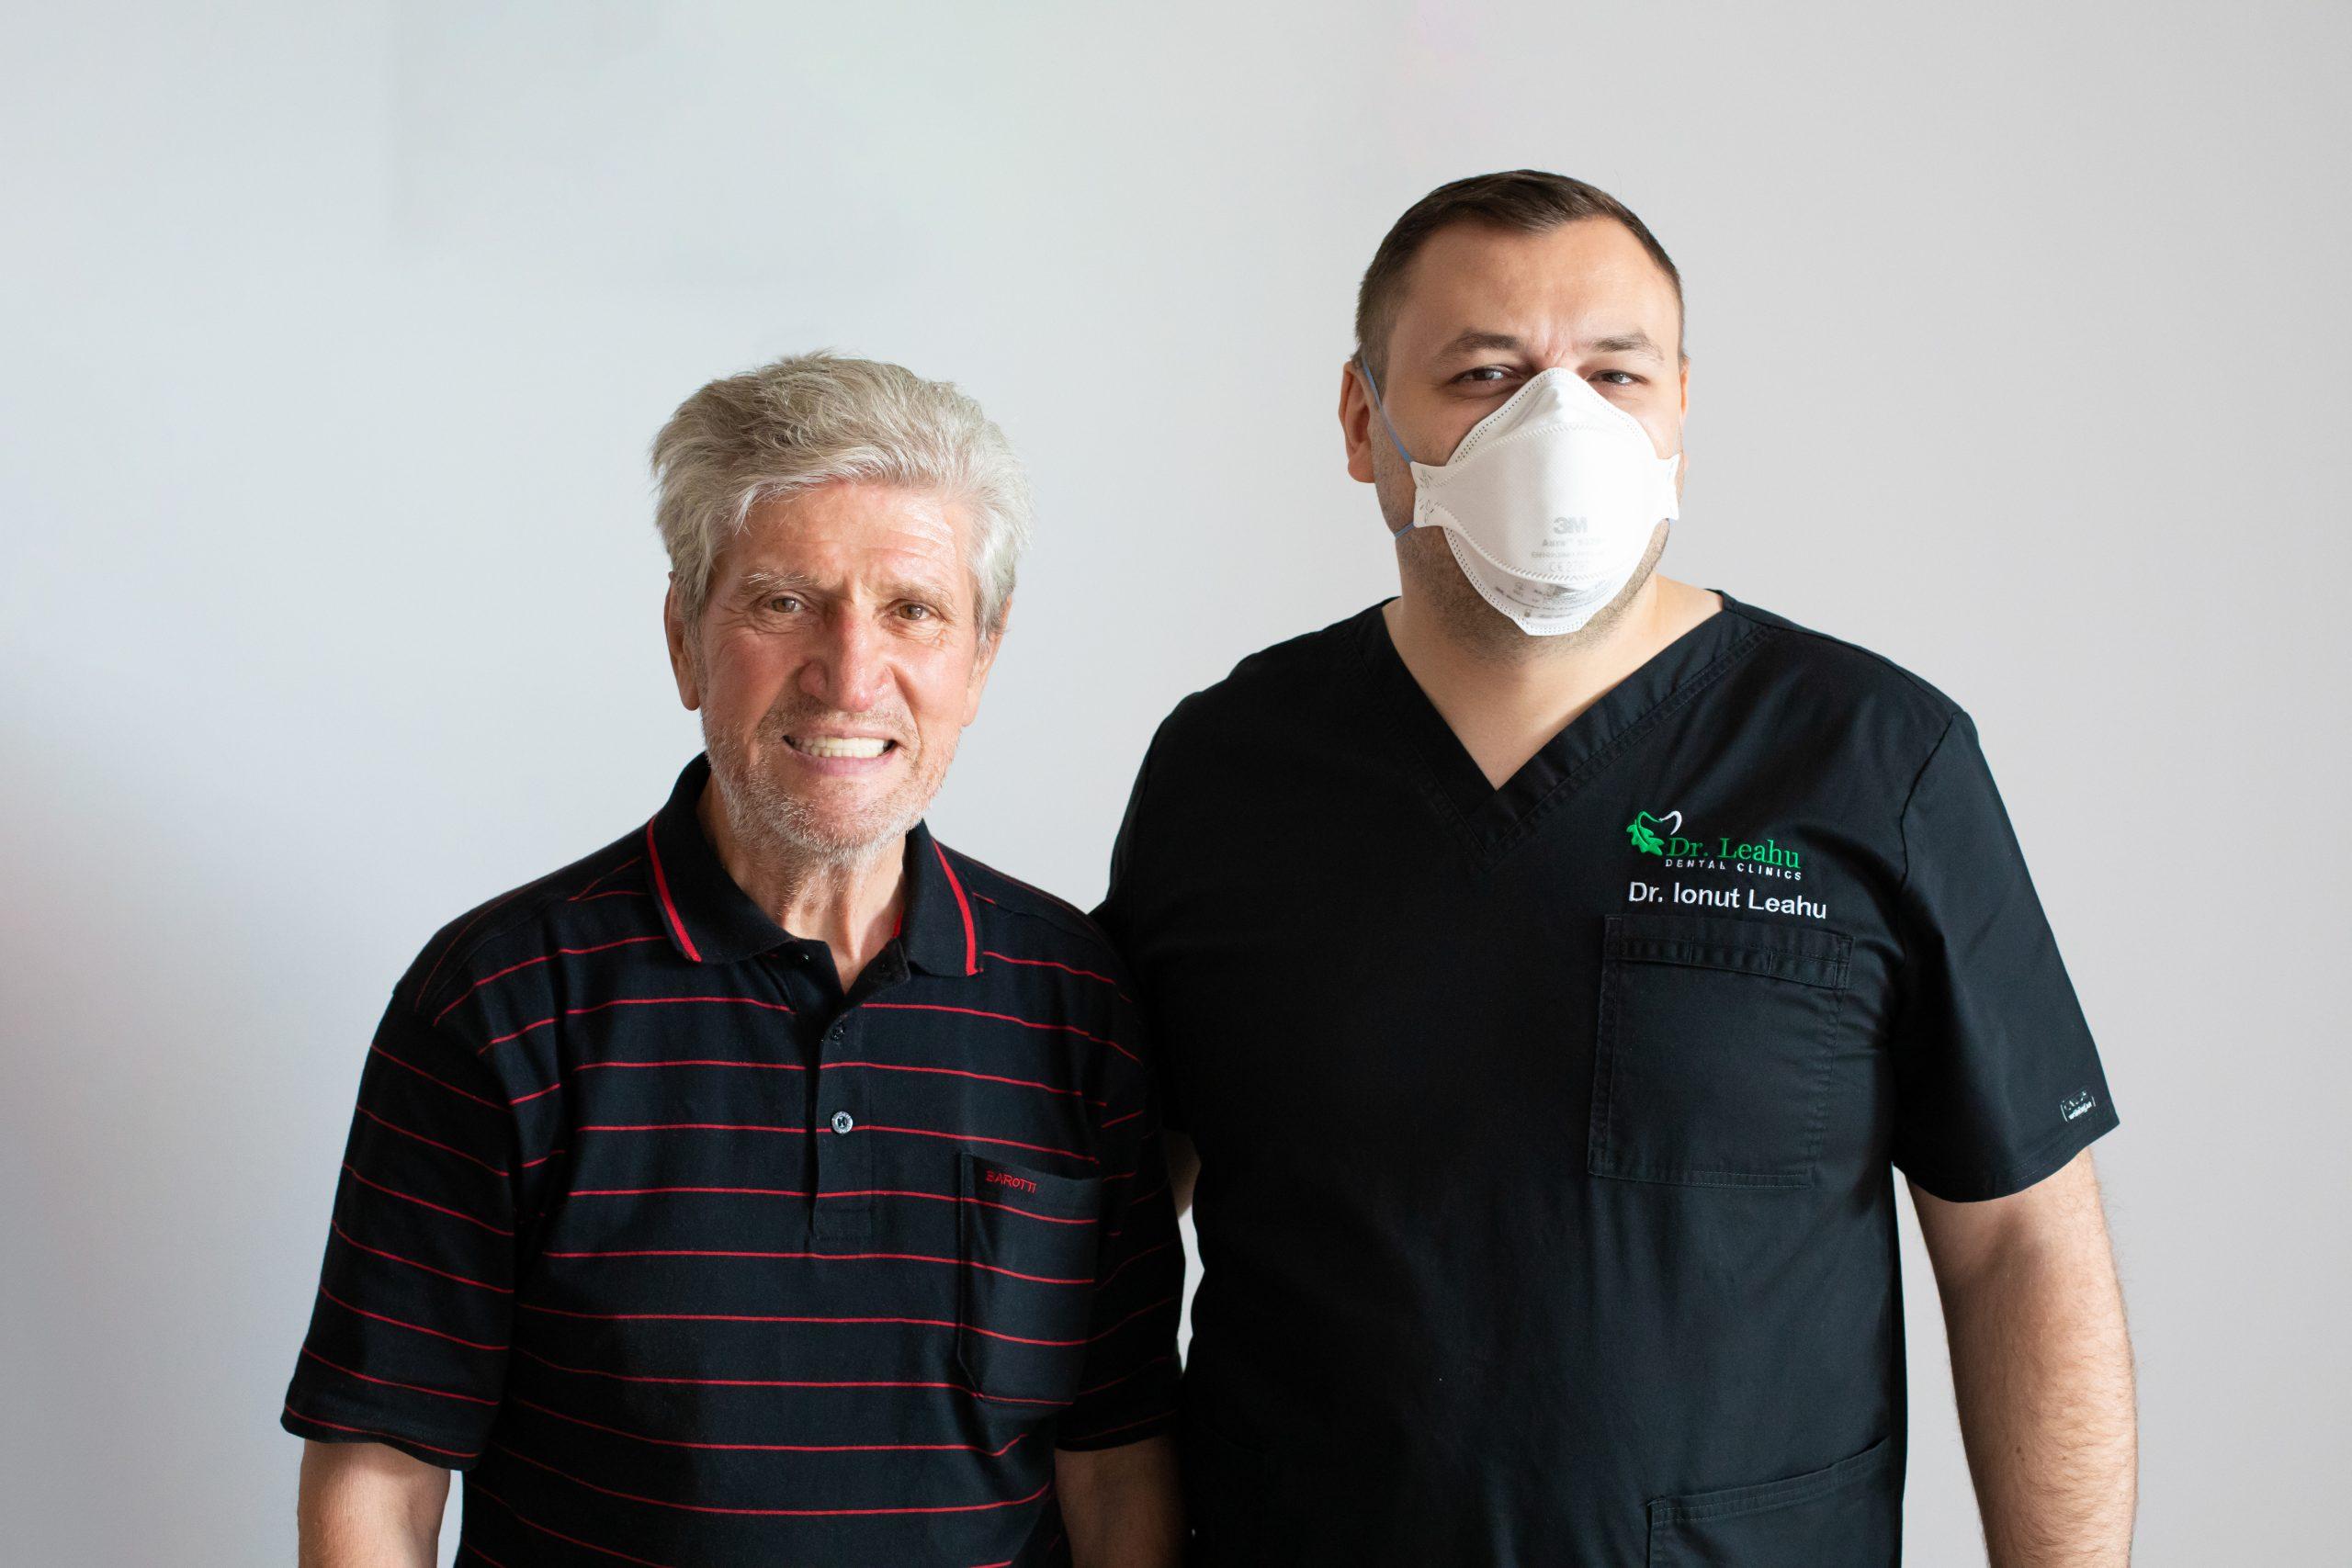 Dr. Ionut Leahu in dreapta impreuna cu pacient in stanga